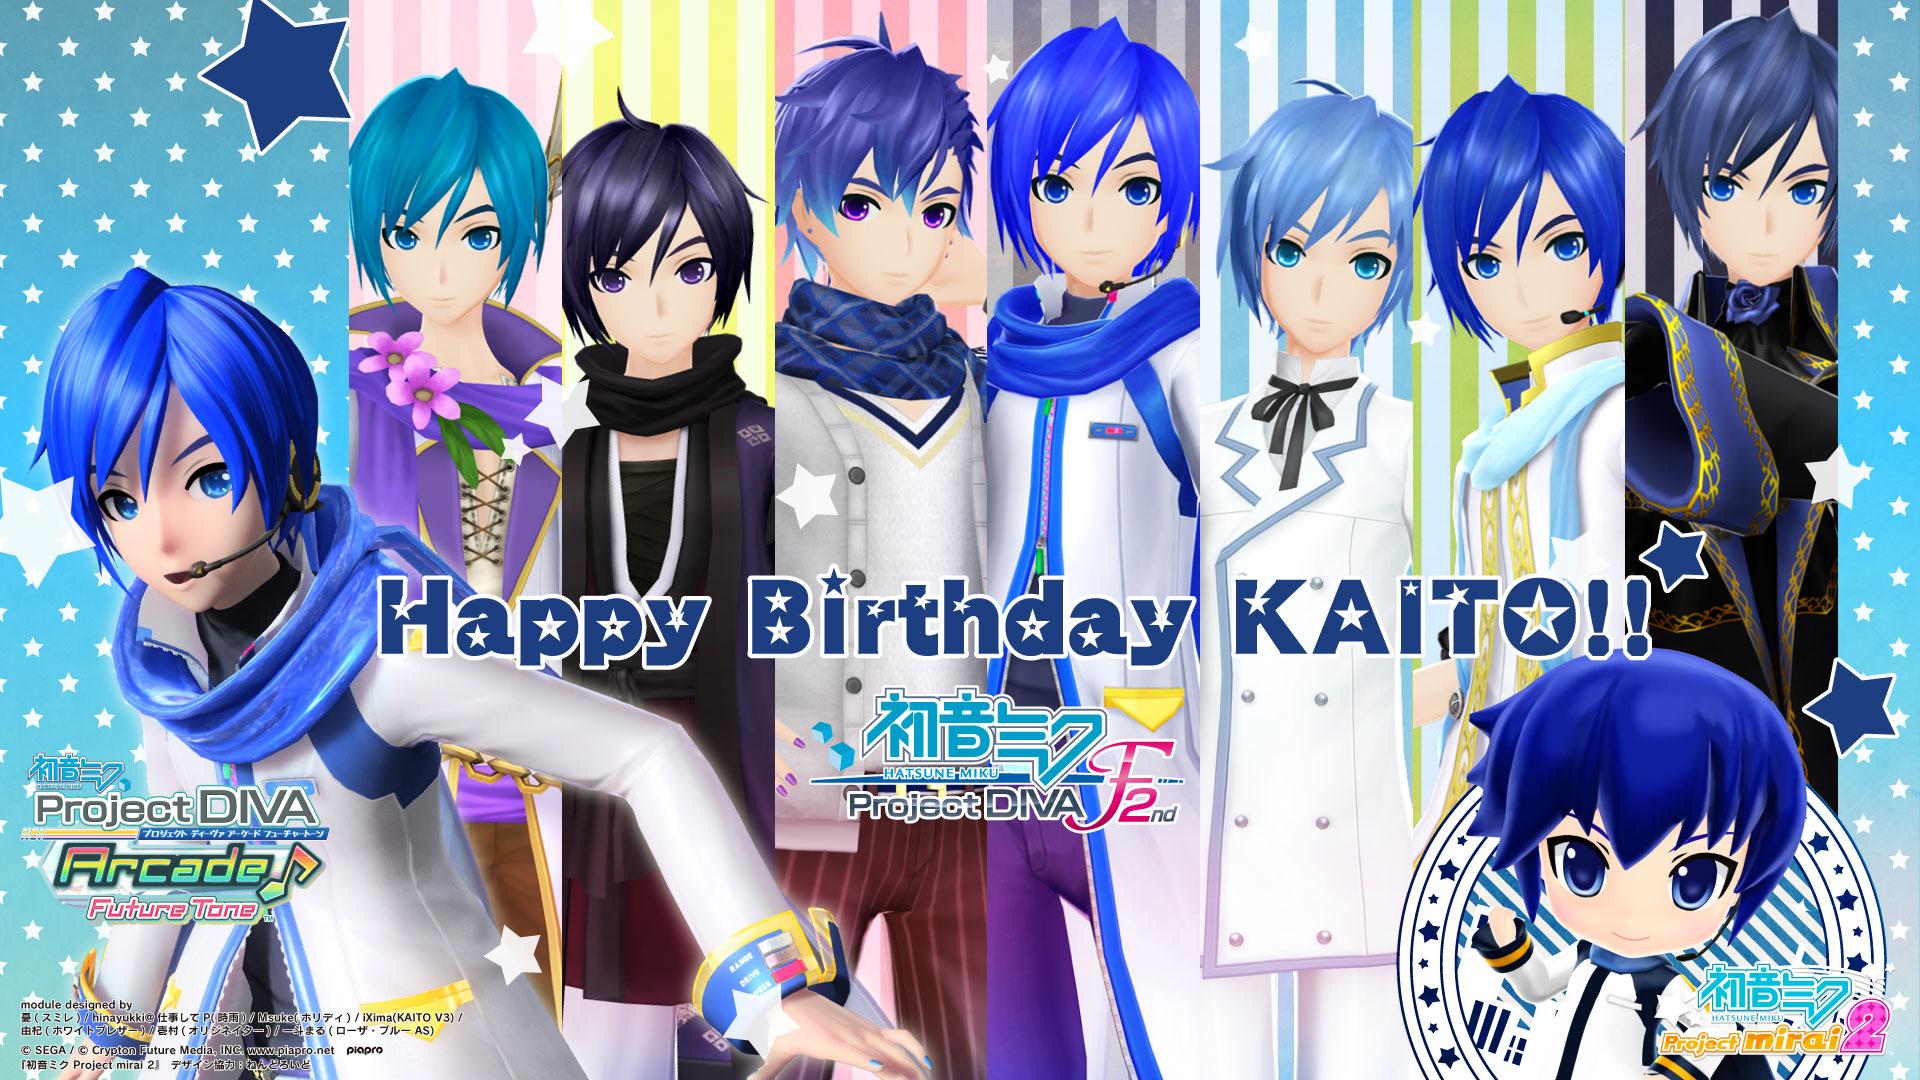 祝 Kaito兄さん8周年 恒例の壁紙プレゼントでお祝いですよー